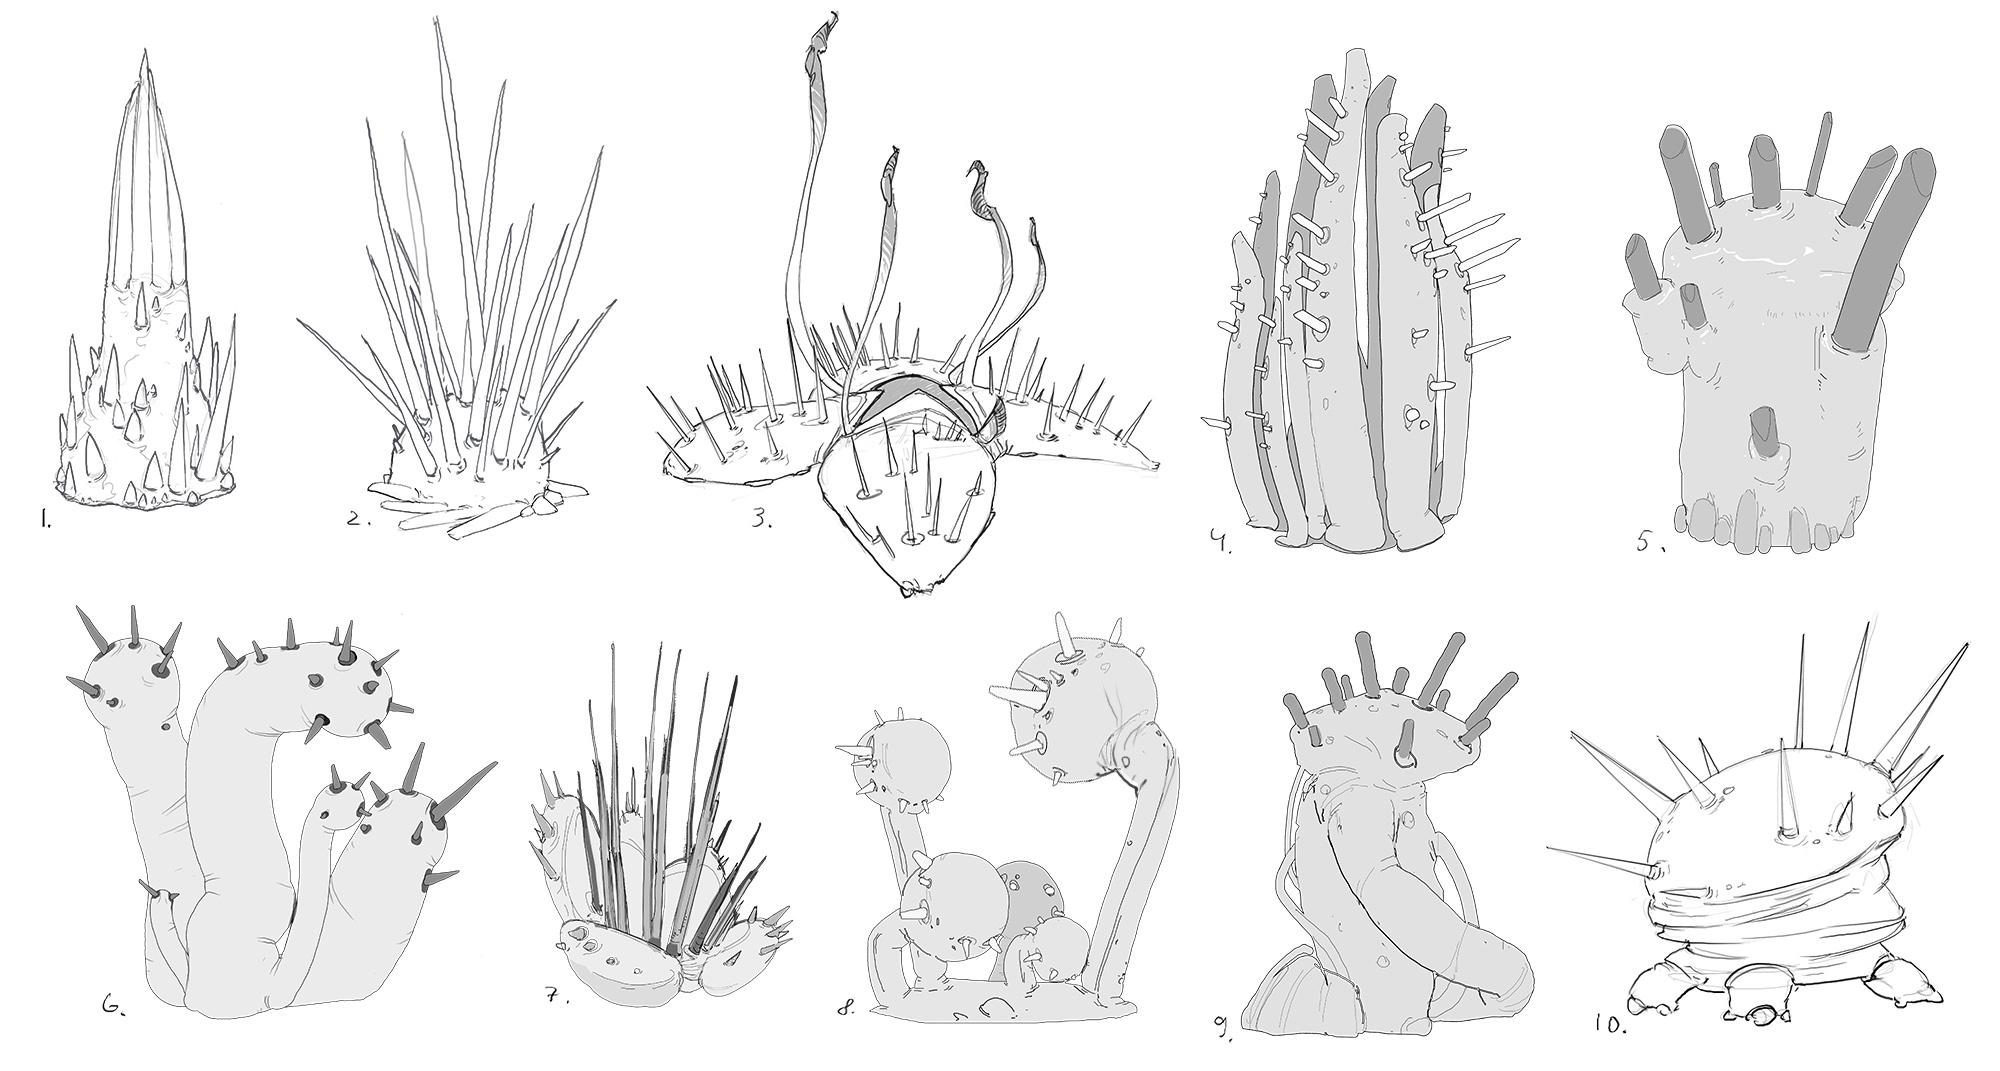 Concept Art Alien Plants